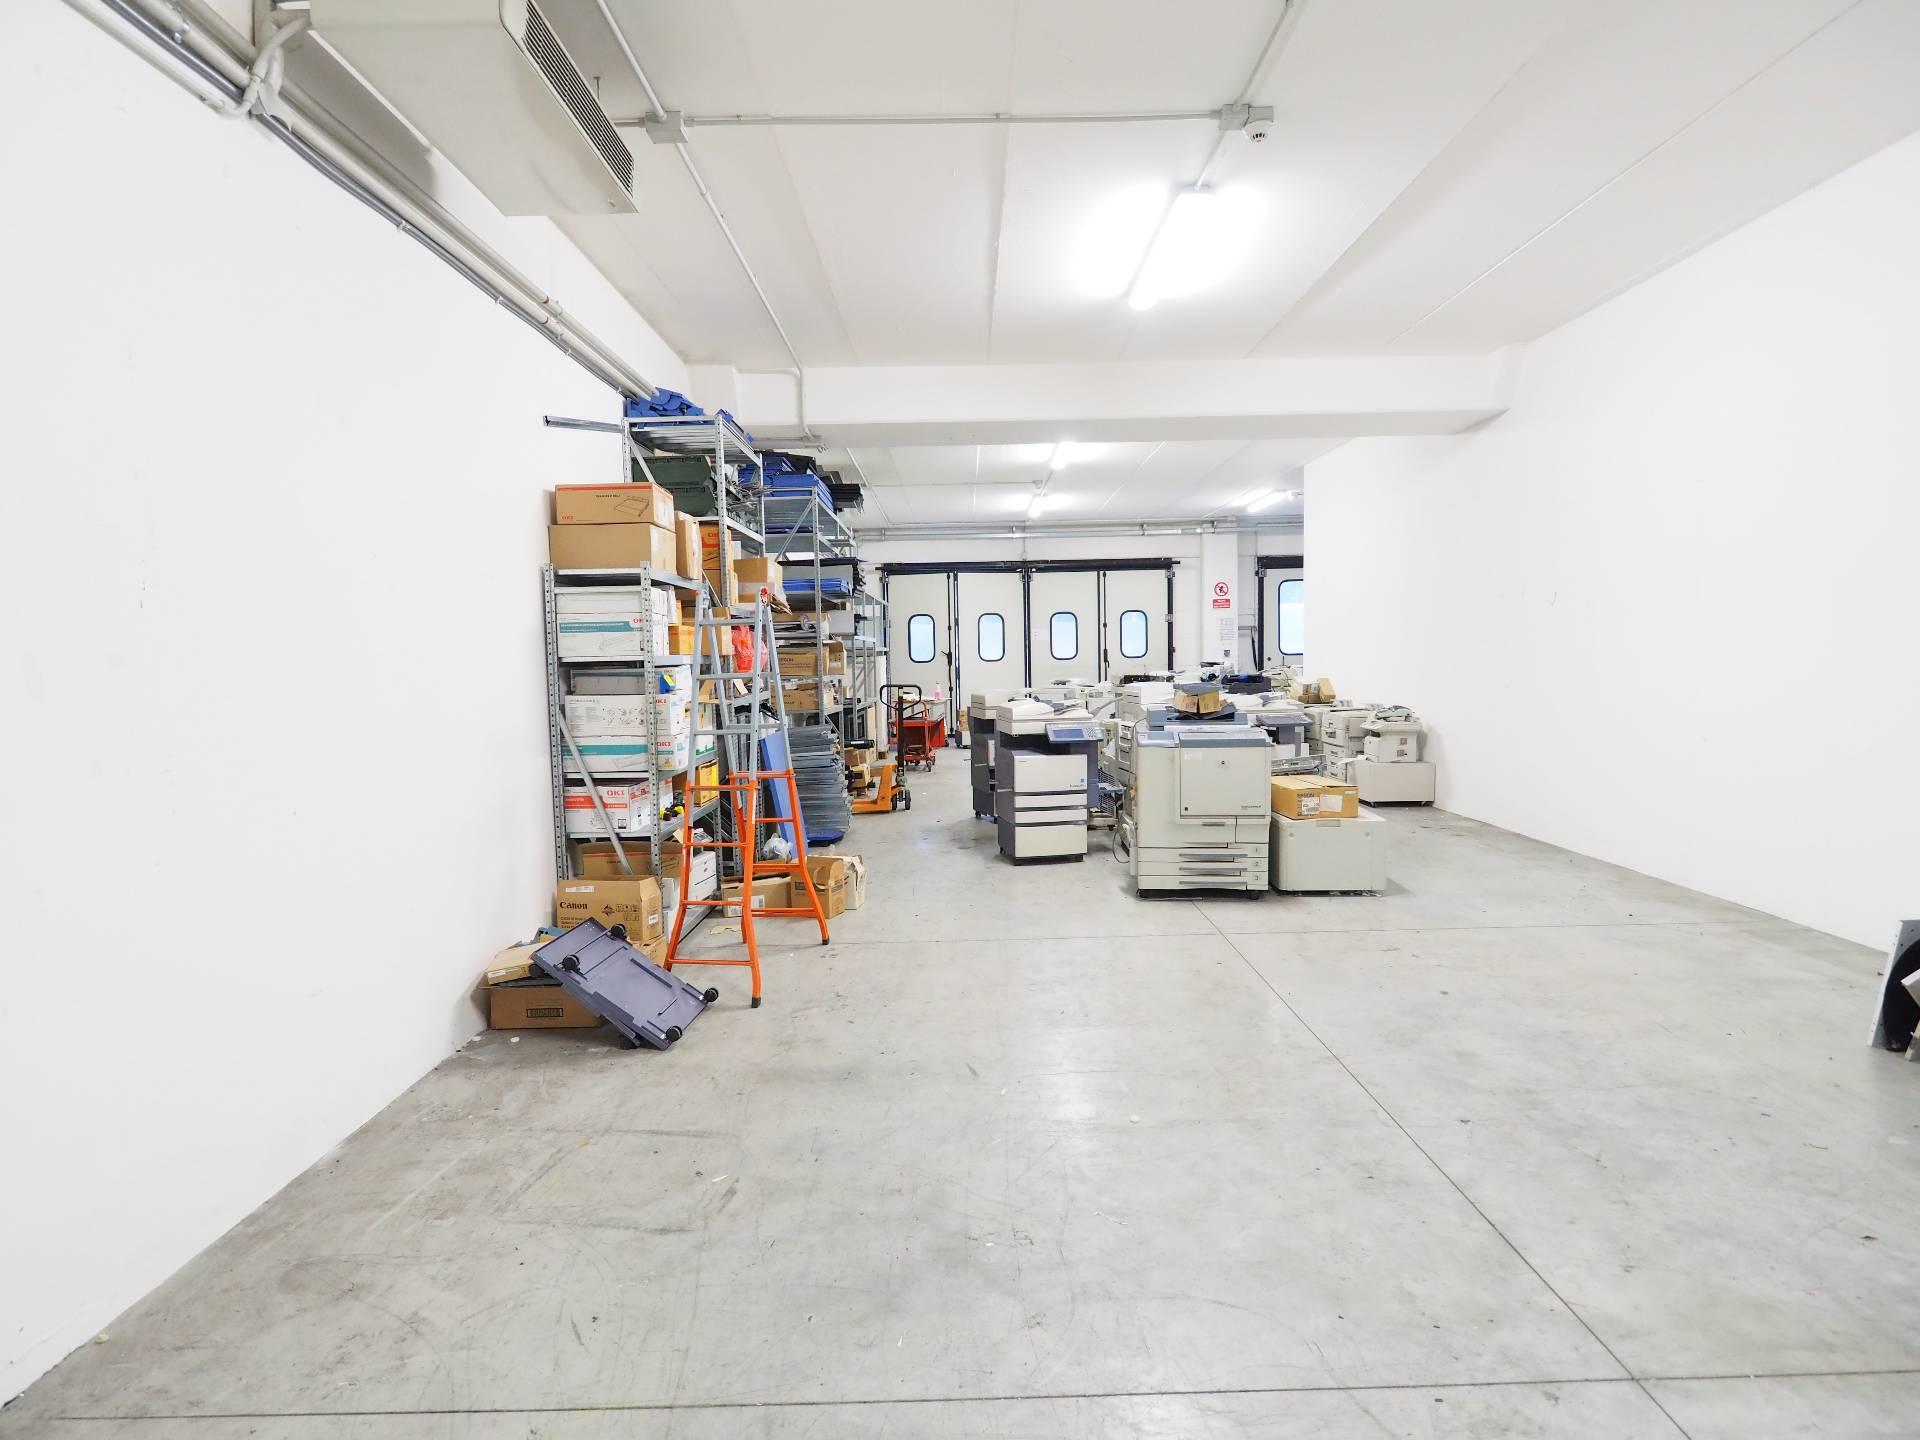 Laboratorio in vendita a Montecosaro, 9999 locali, zona Località: MontecosaroScalo, prezzo € 130.000 | Cambio Casa.it